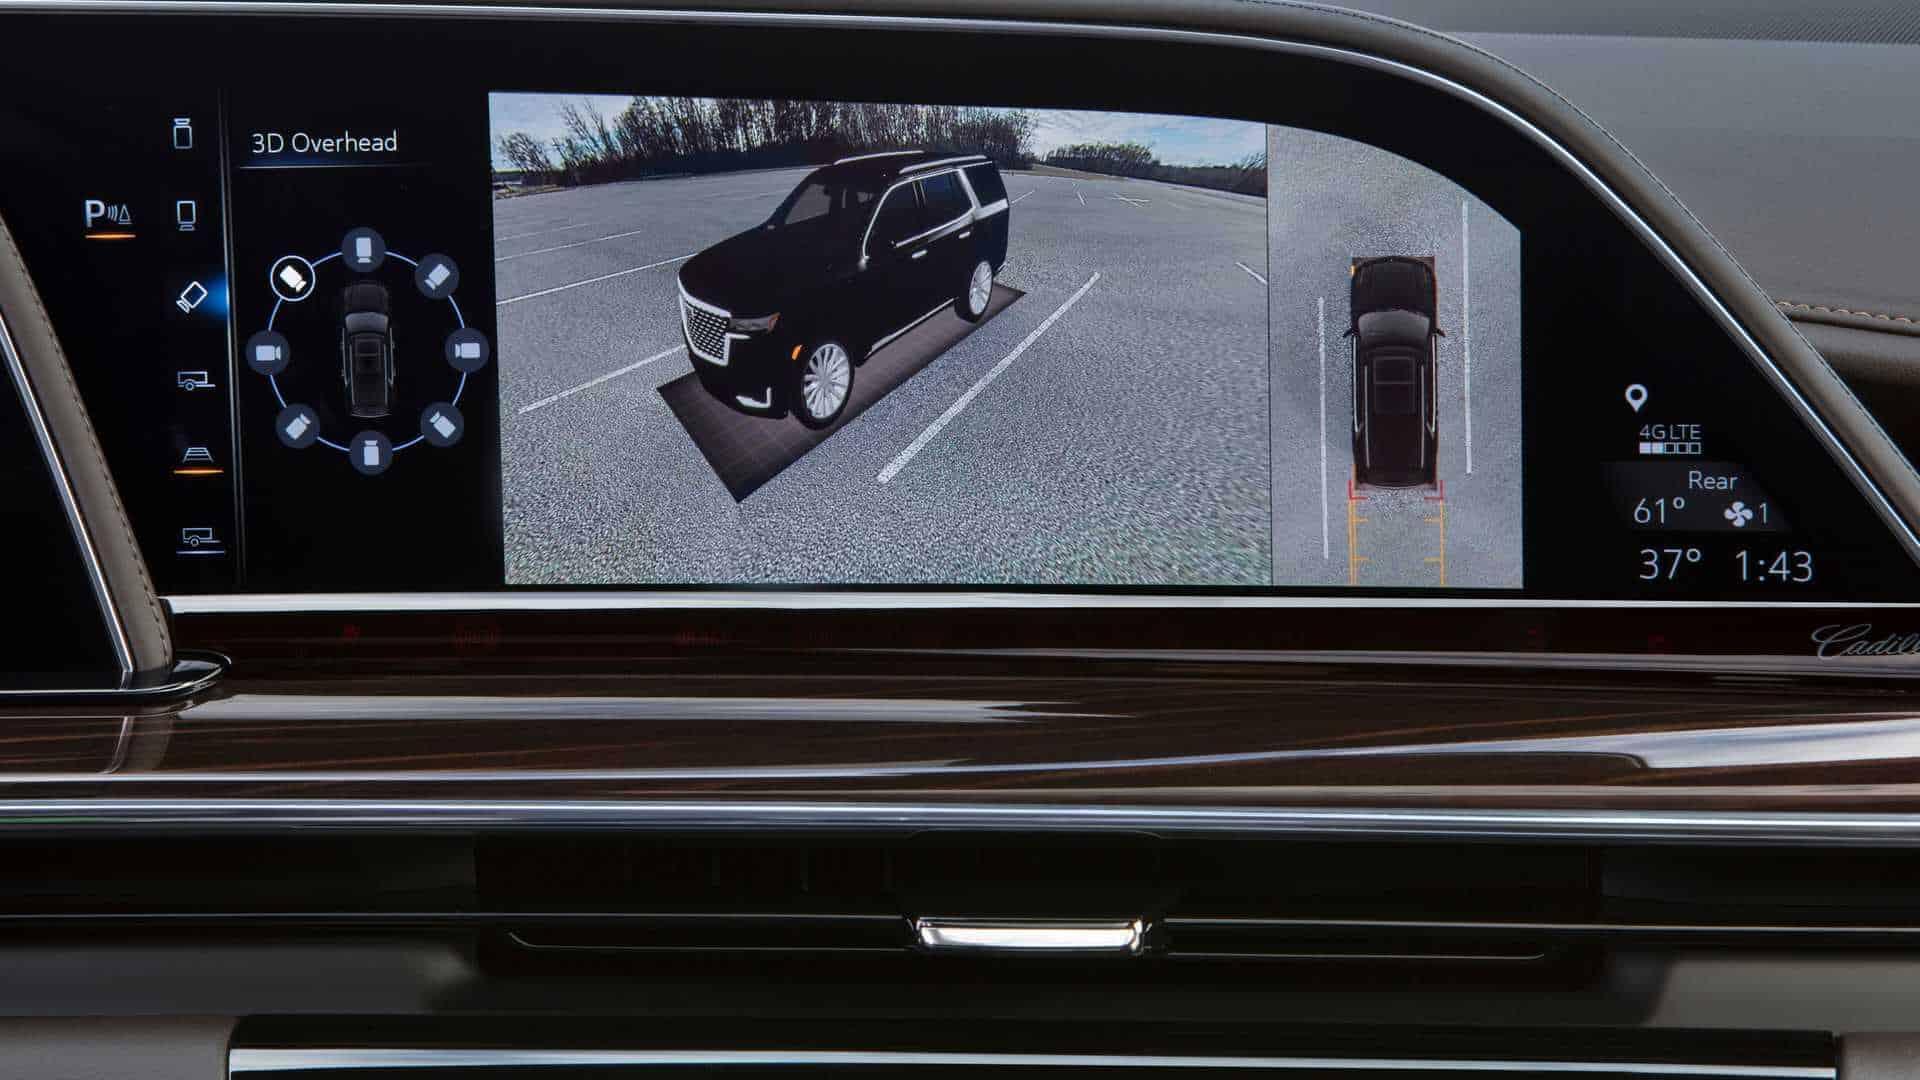 New, 2021 Cadillac Escalade SUV 360 Navigation